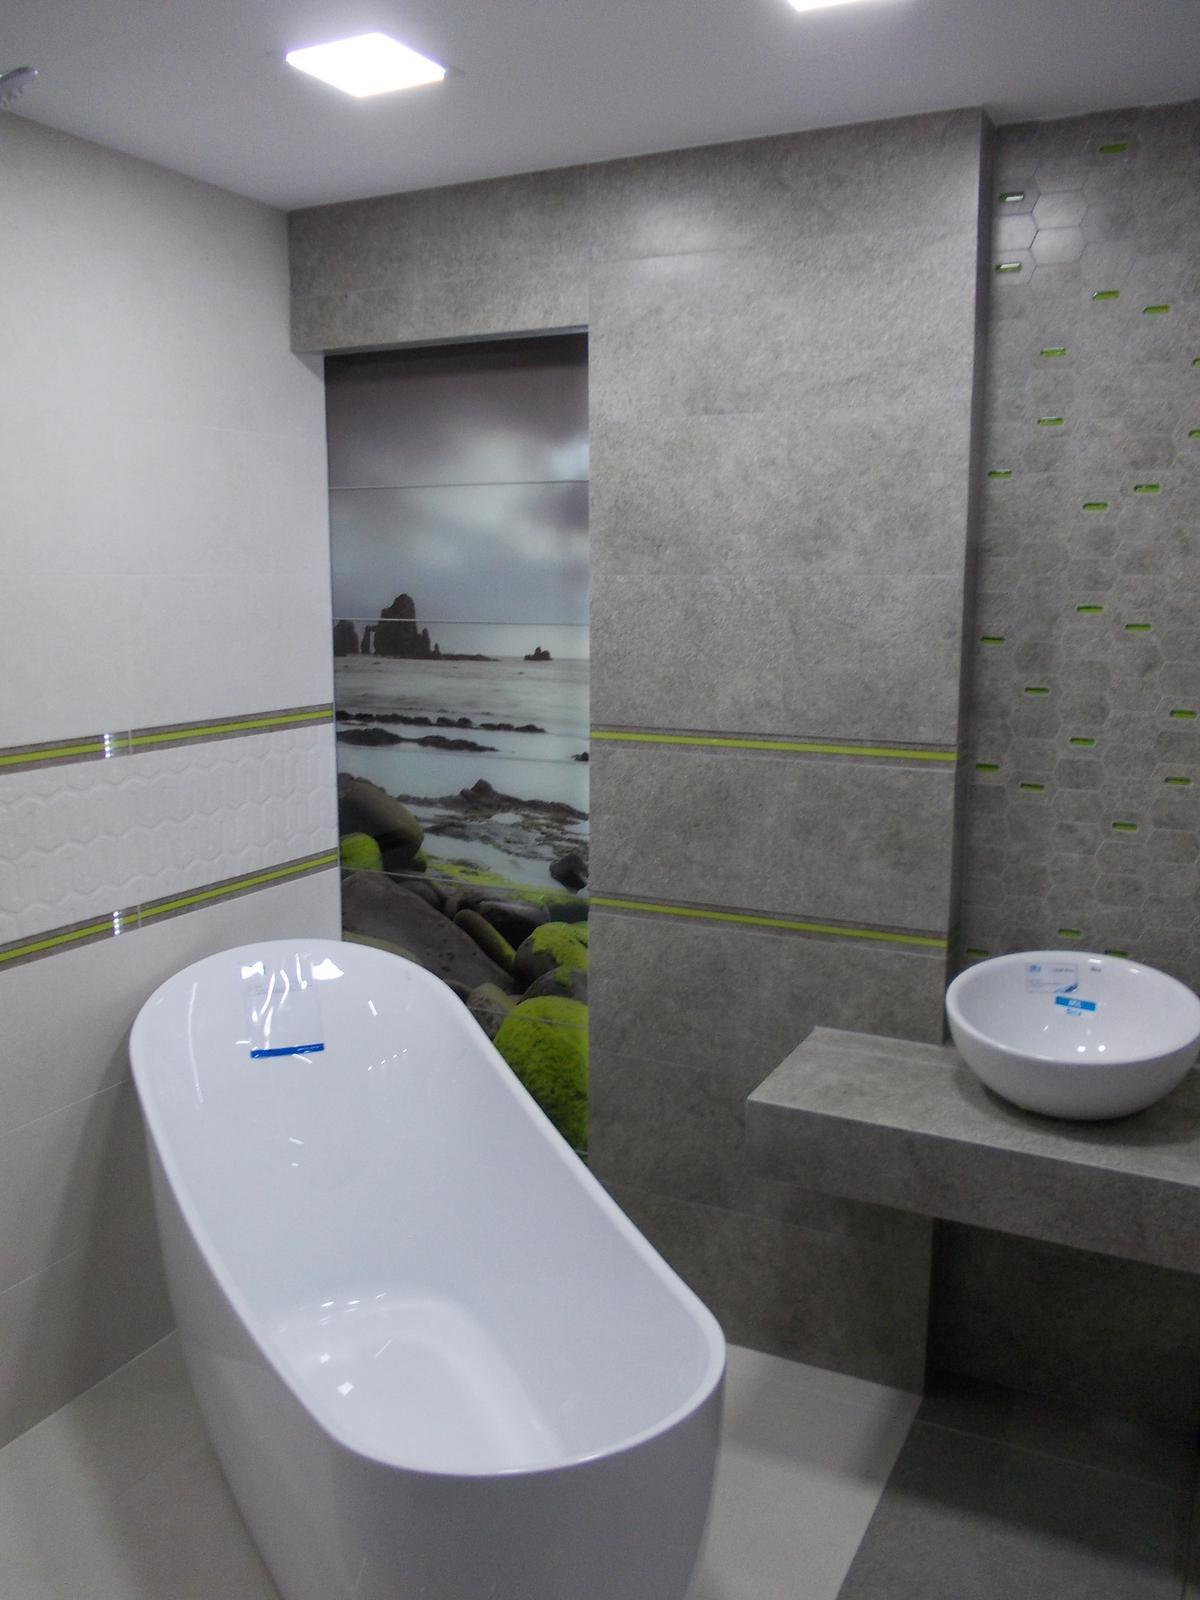 Aranżacja łazienki w kolekcji Tubądzin Lemon Stone - zdjęcie od BLU salon łazienek Bochnia